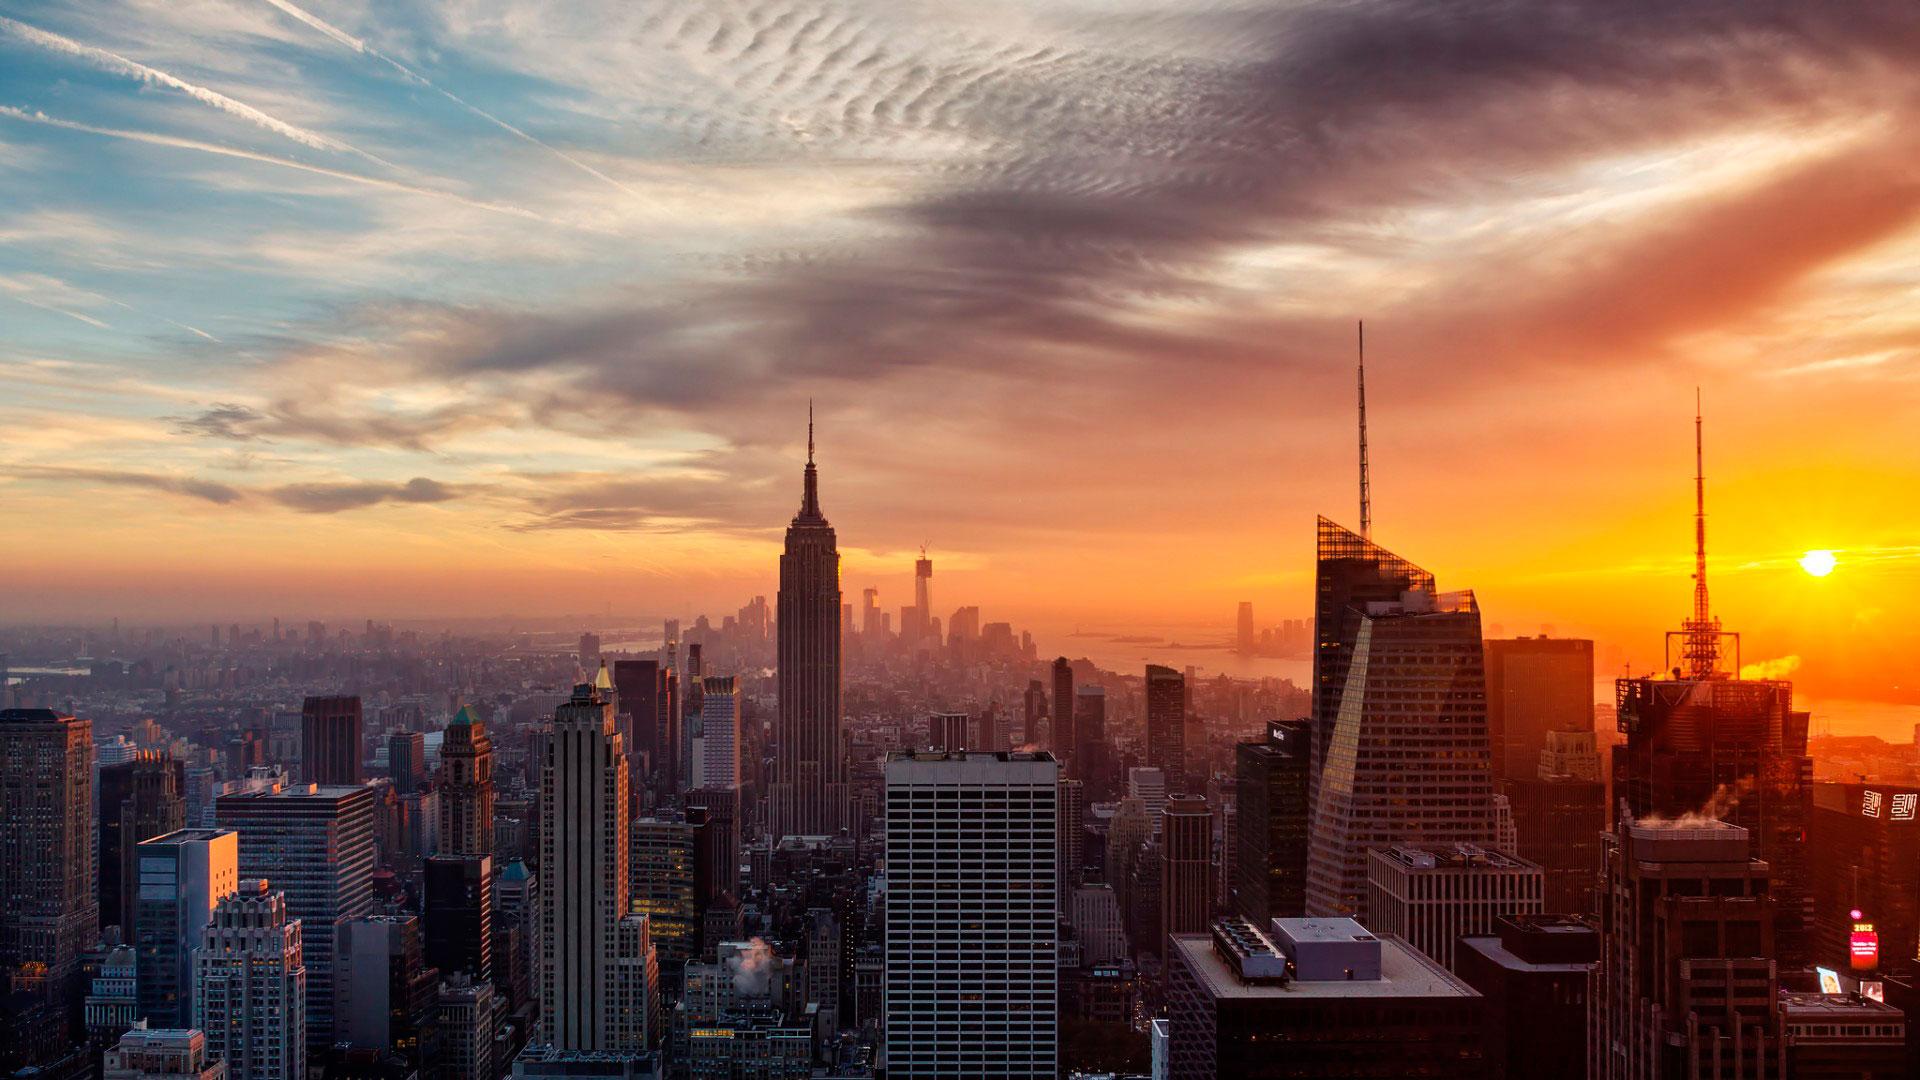 Красивые картинки Нью Йорка на рабочий стол - интересная сборка 6